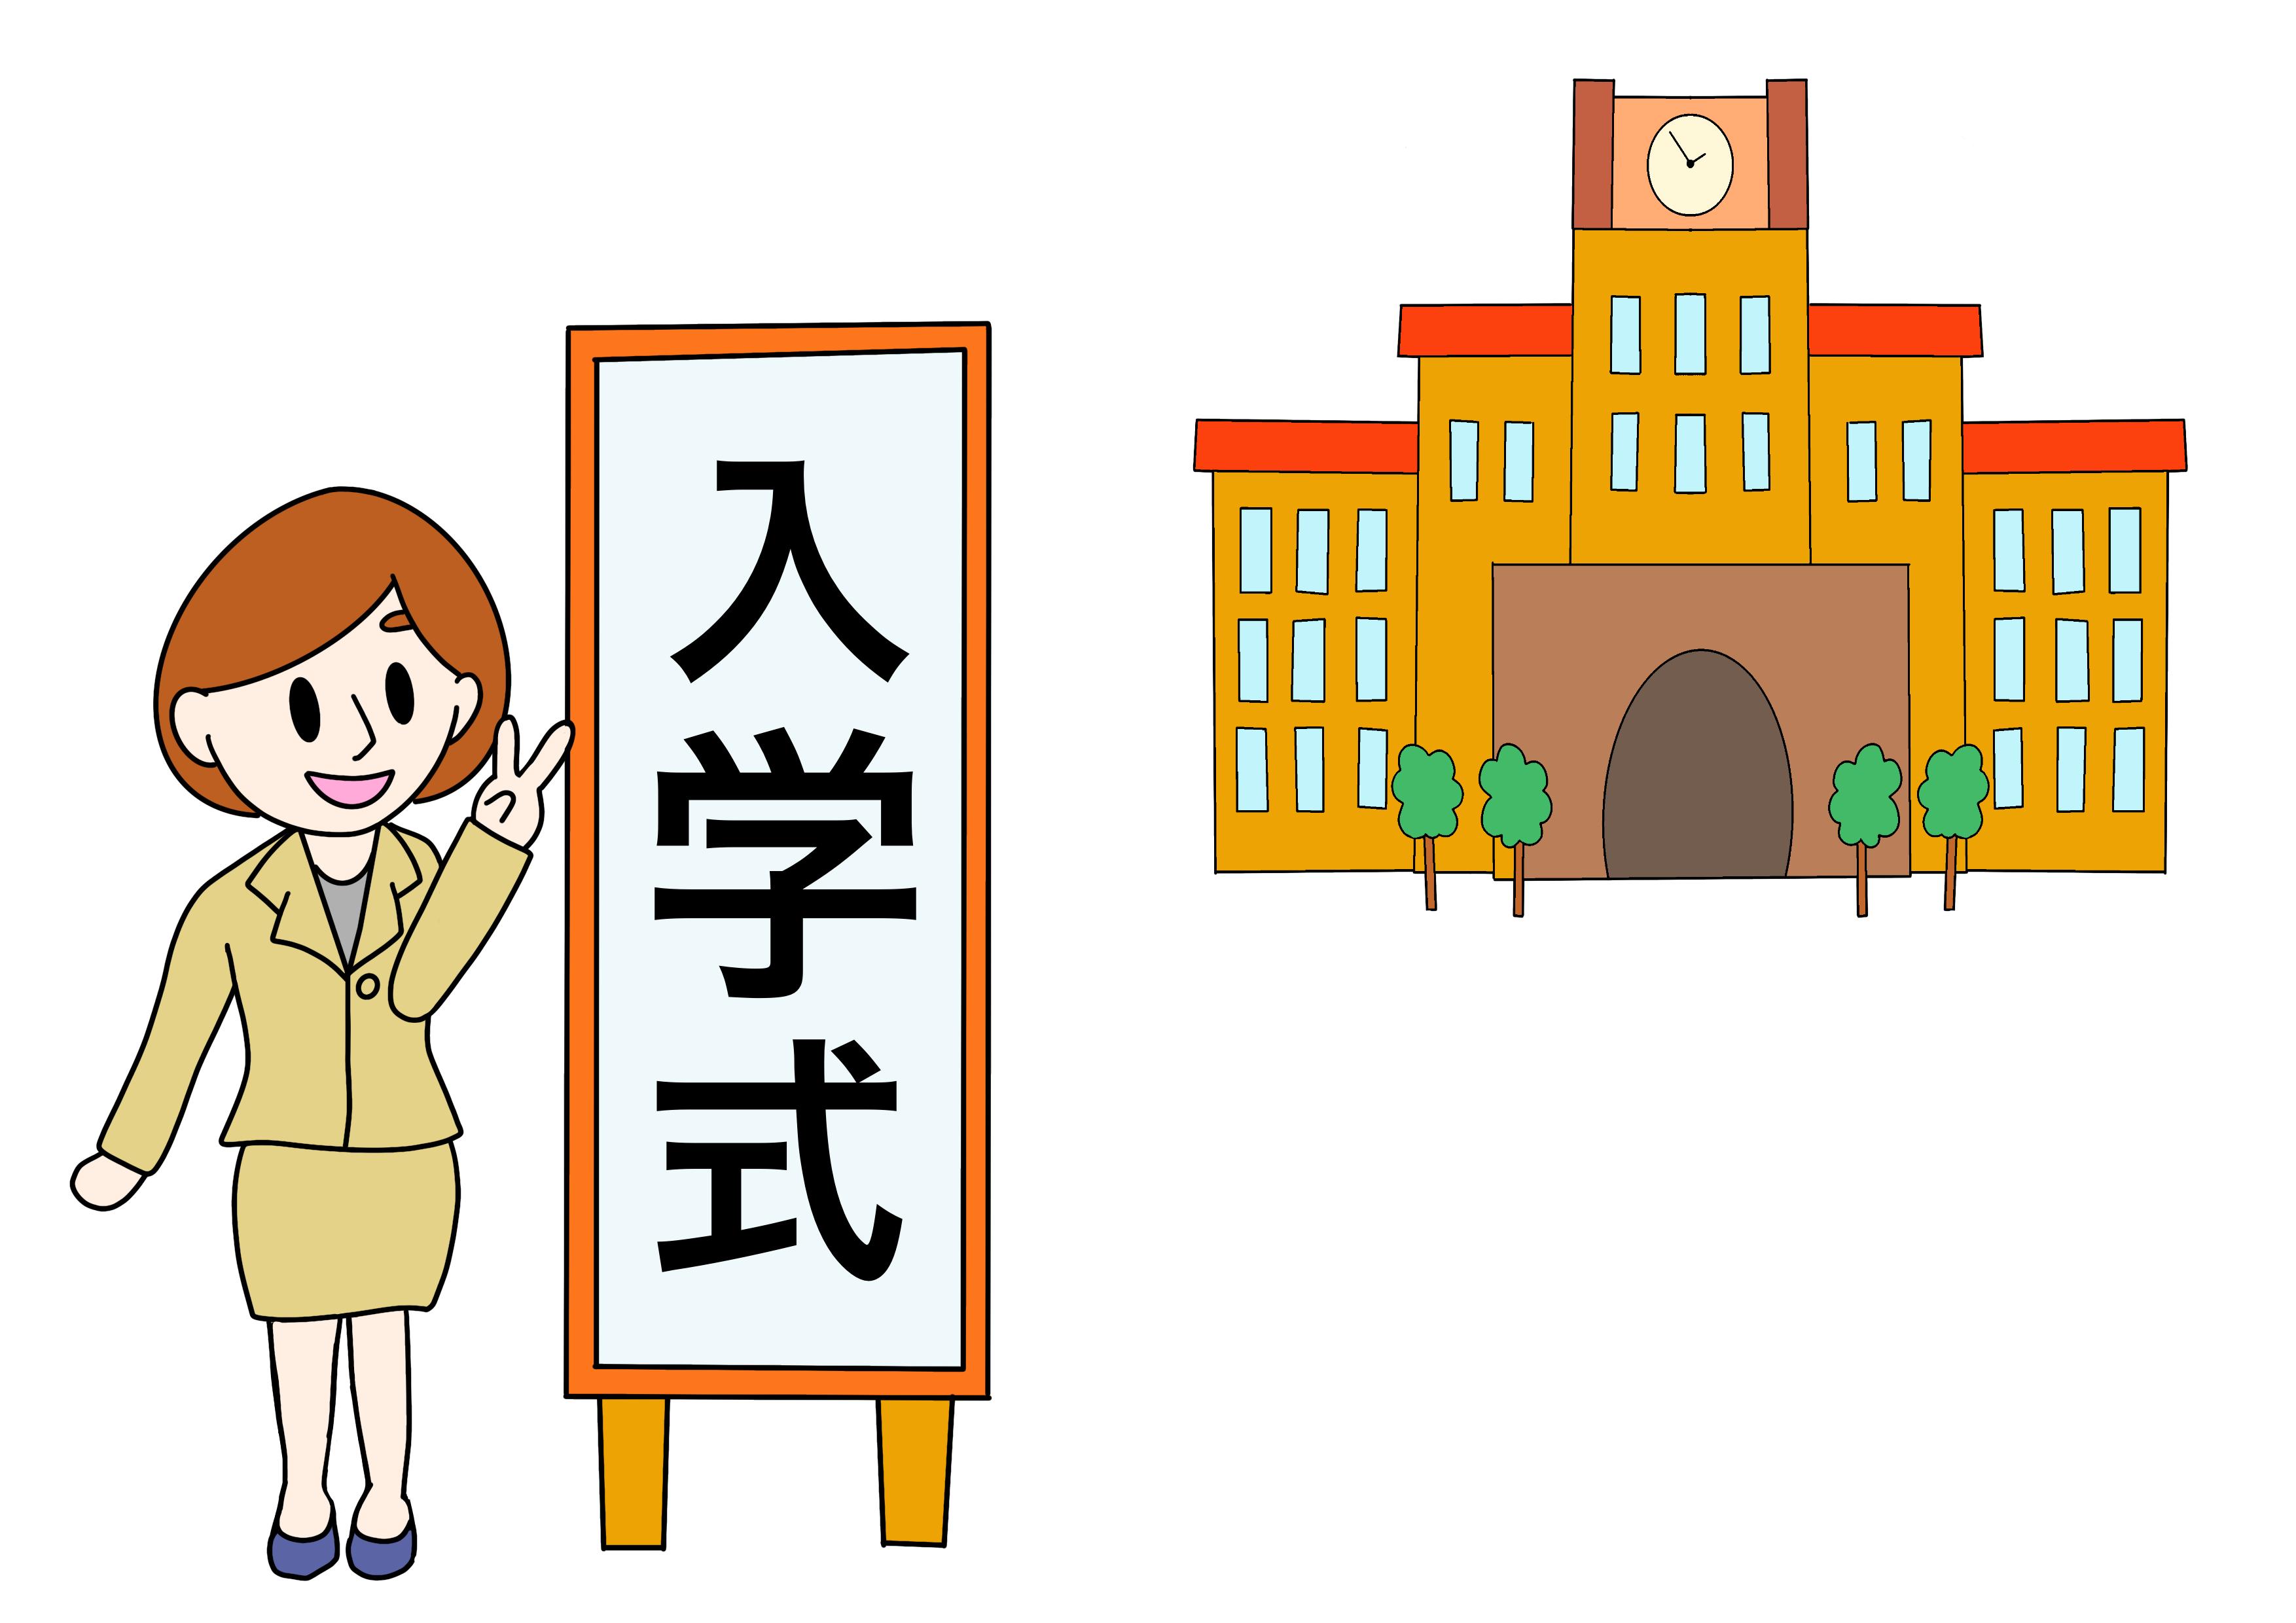 46課イラスト【入学式/入学する】